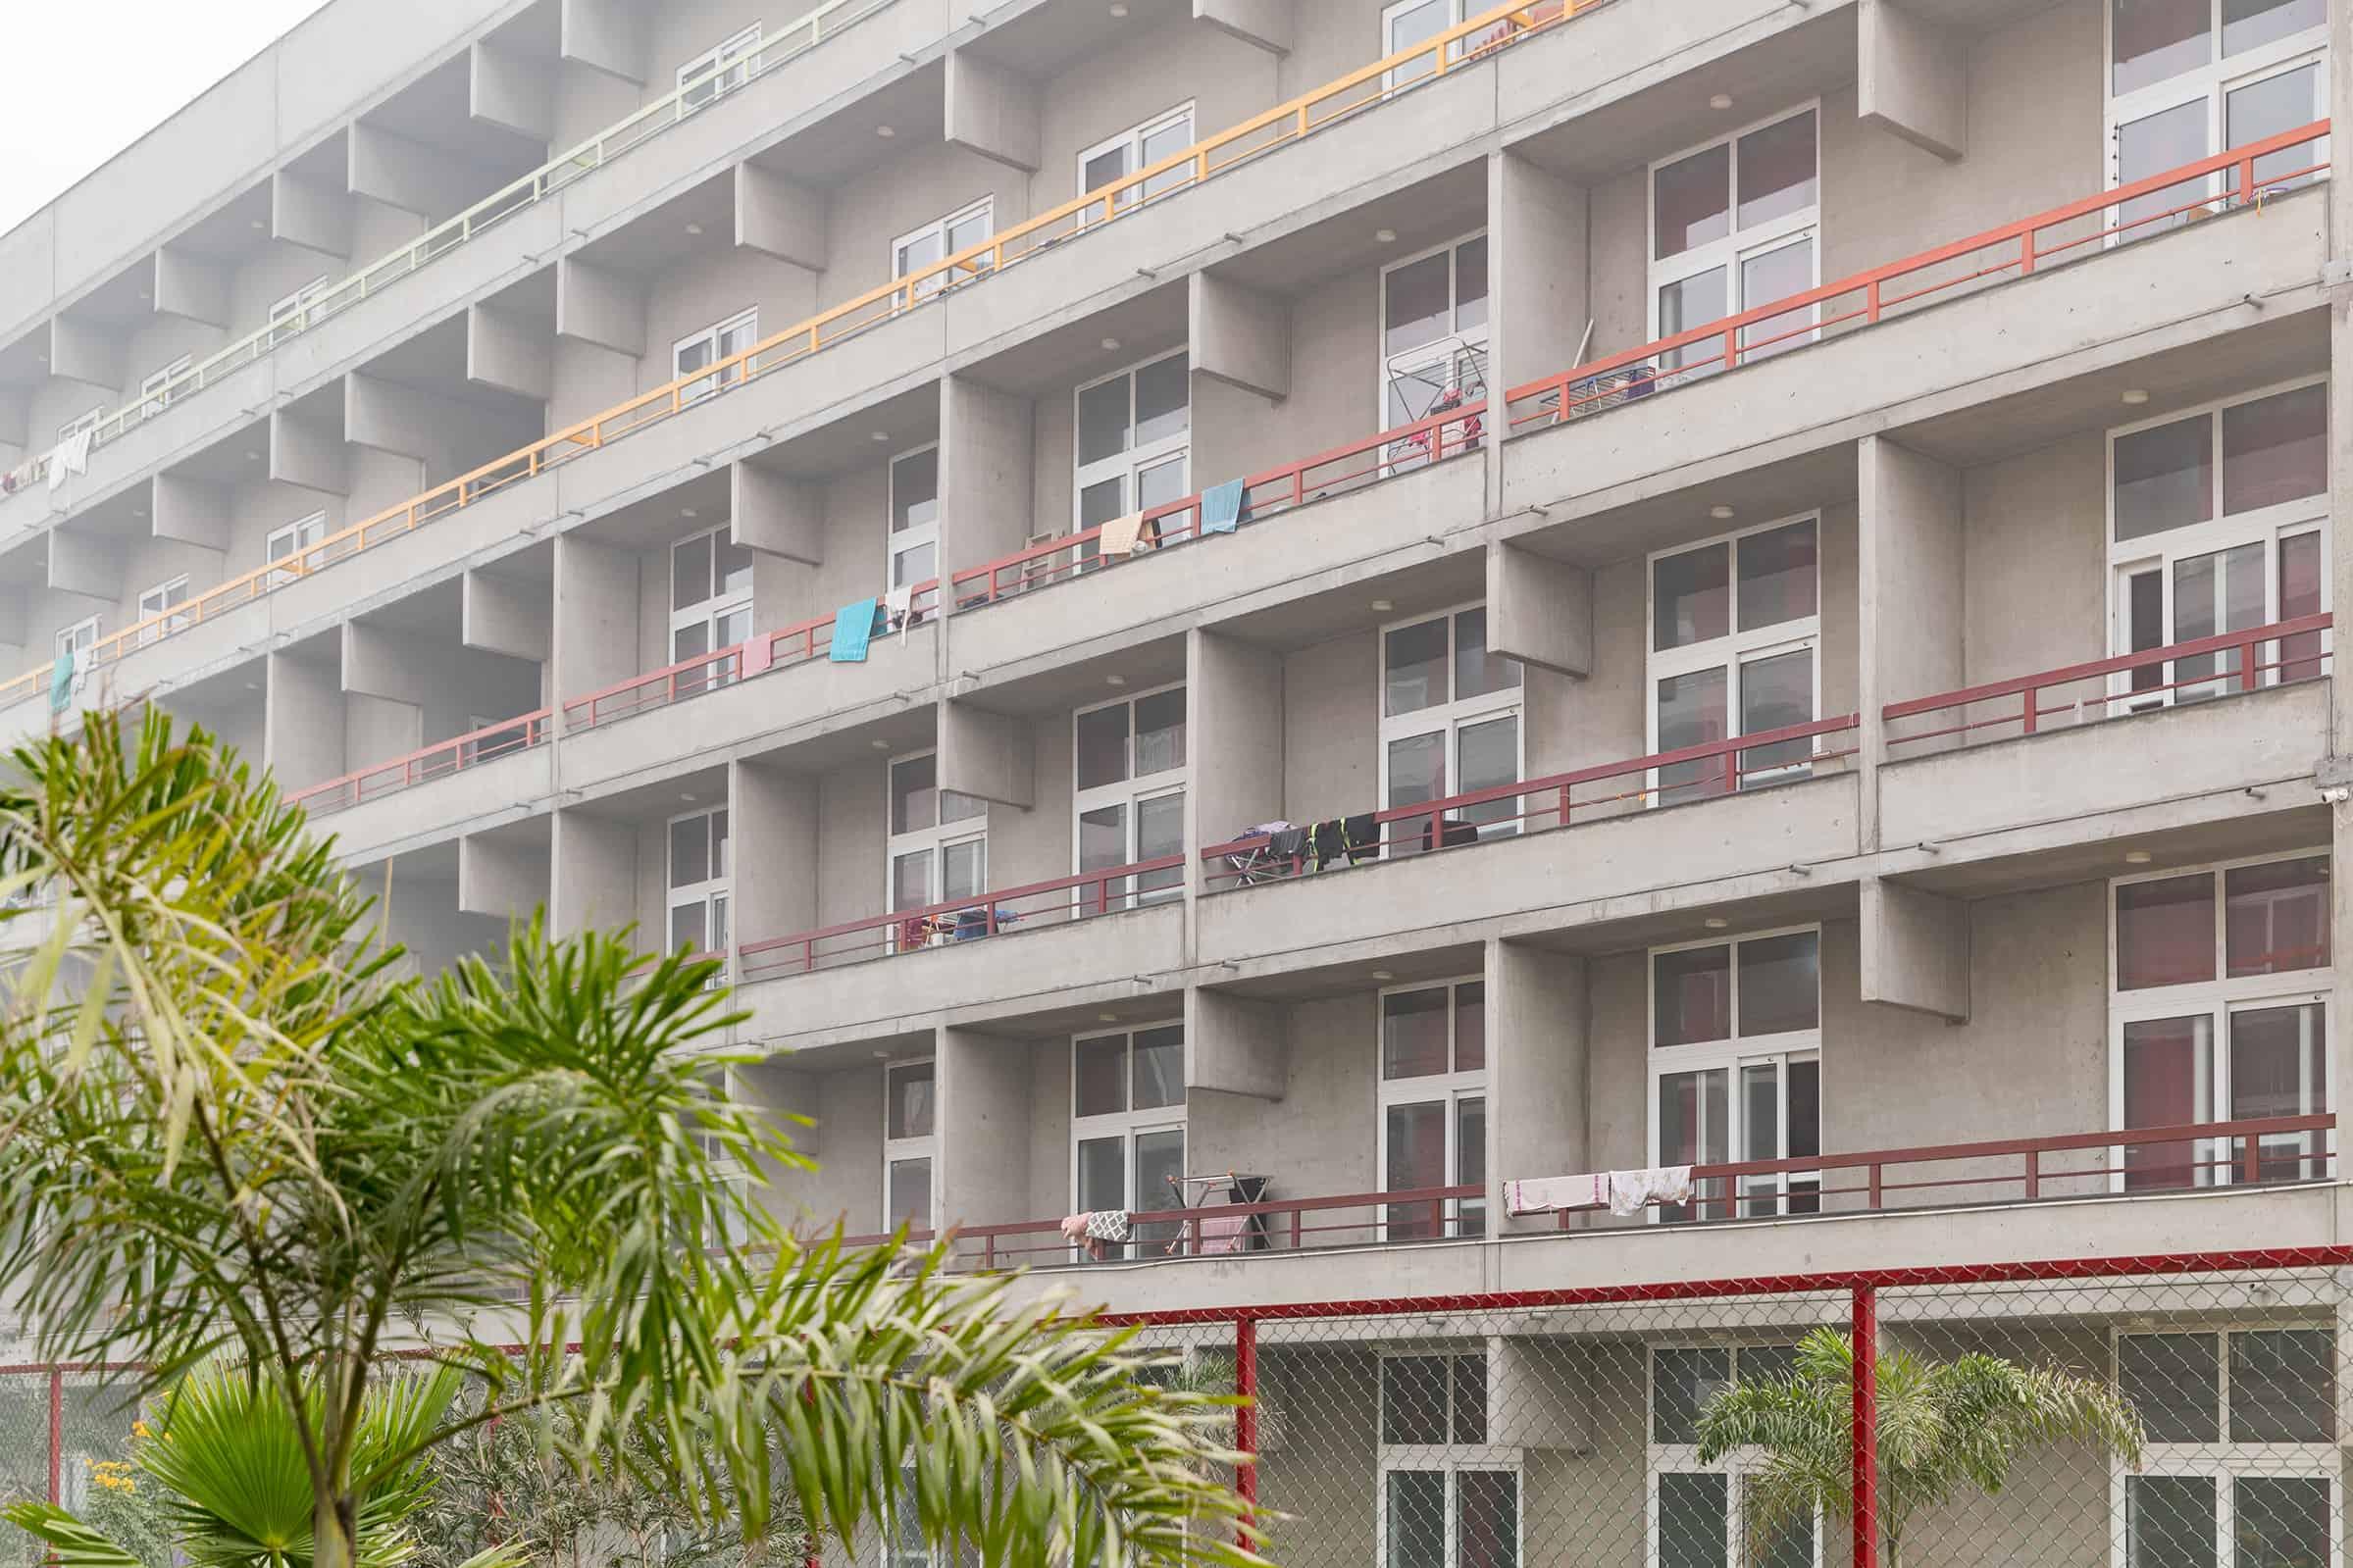 Jindal Student Housing